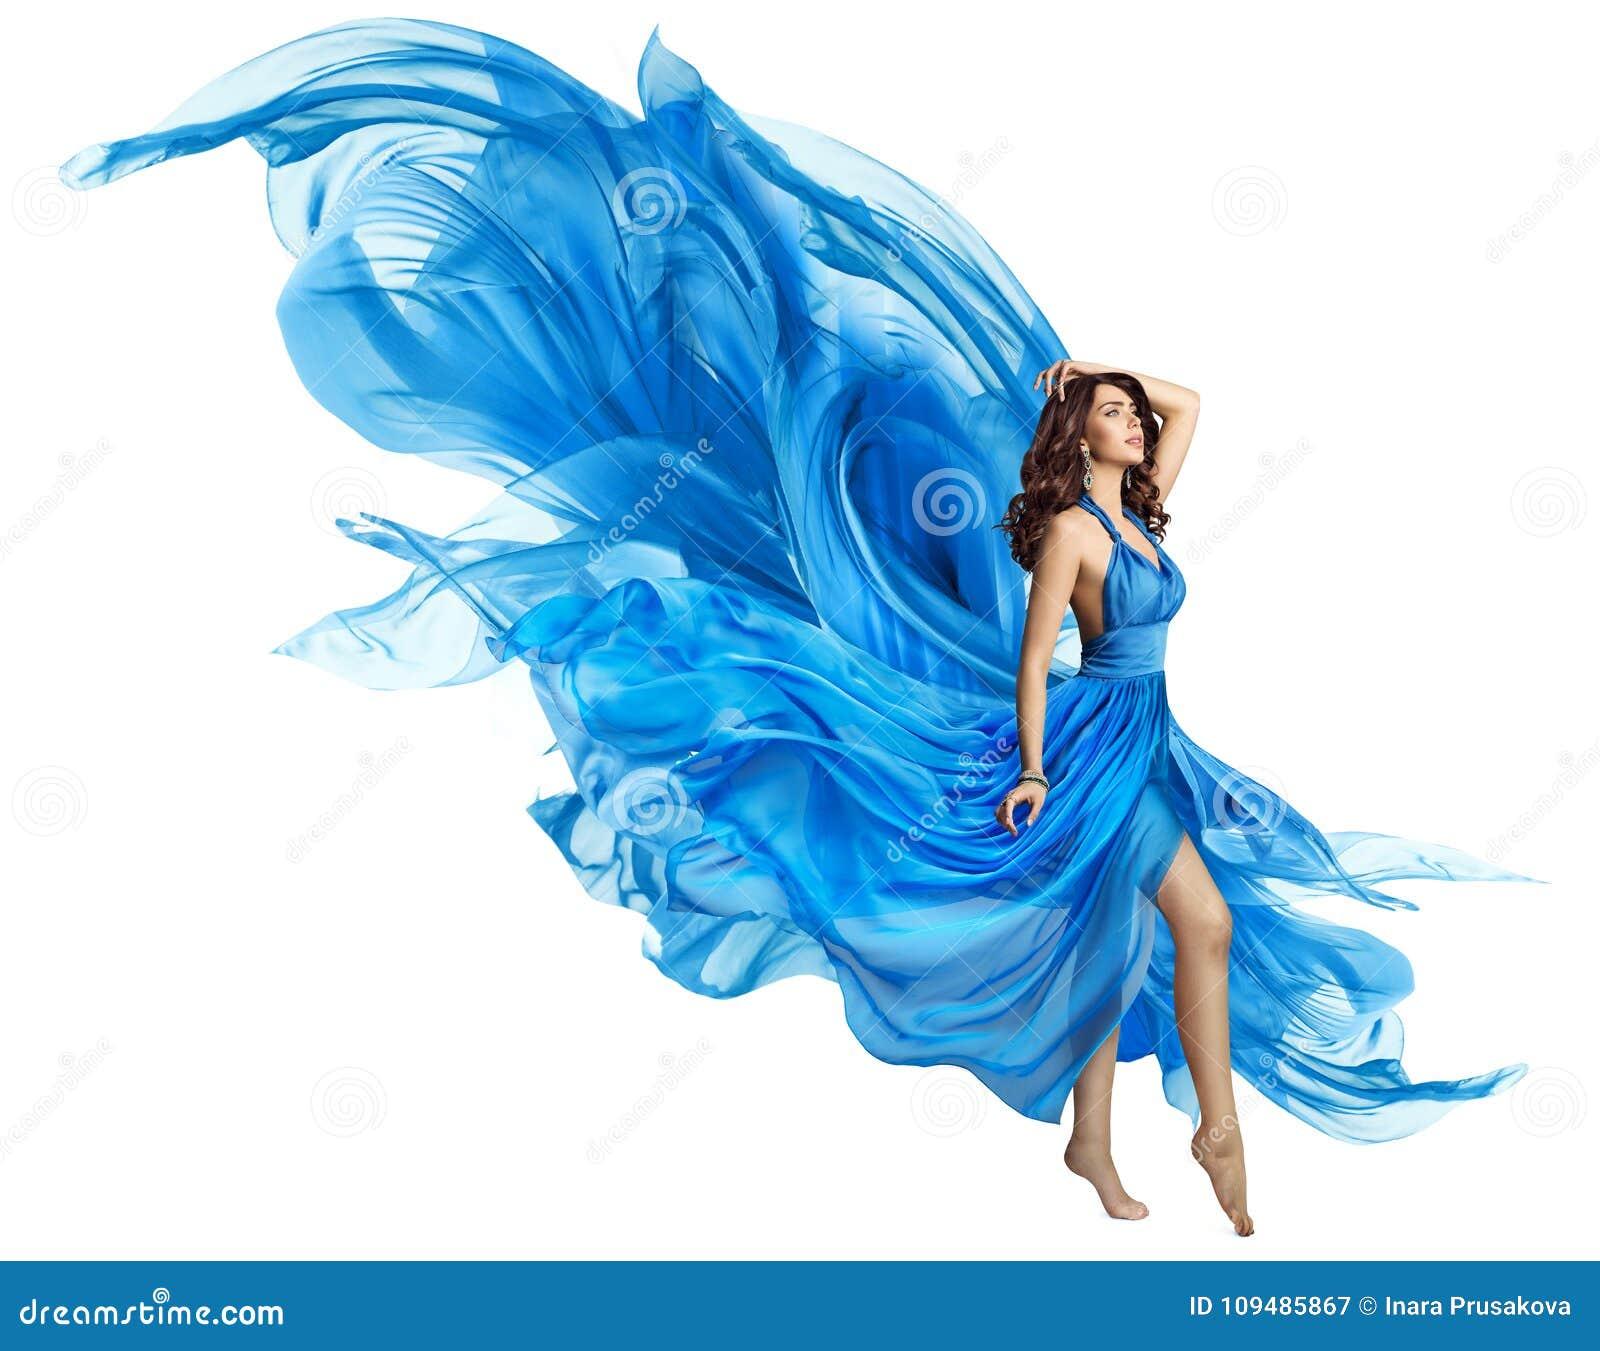 A mulher Flying Blue veste-se, modelo de forma elegante Fluttering Gown